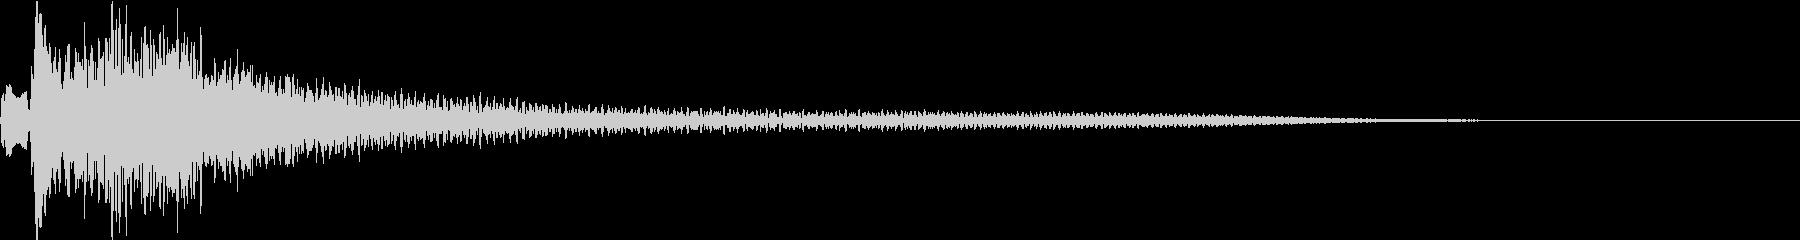 テュルルン:シリアスなハープ・弾くiの未再生の波形